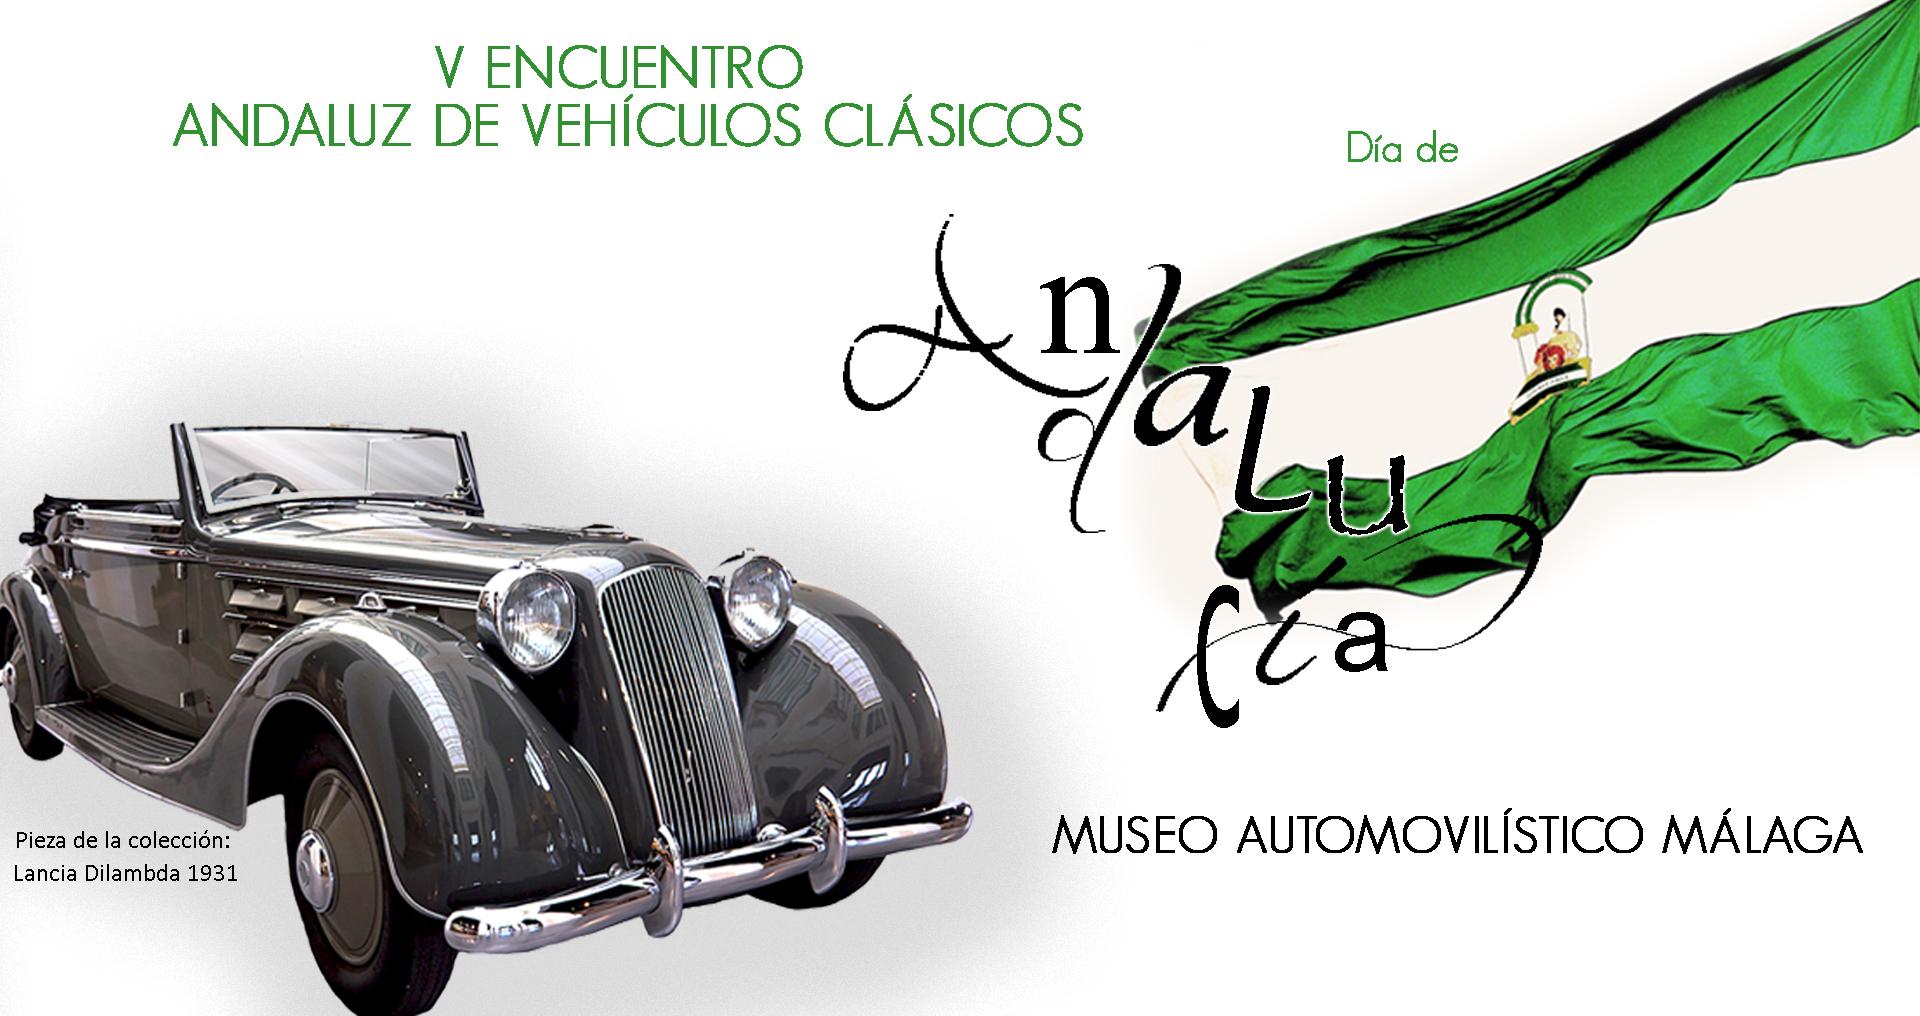 V Encuentro Andaluz de Vehículos Clásicos